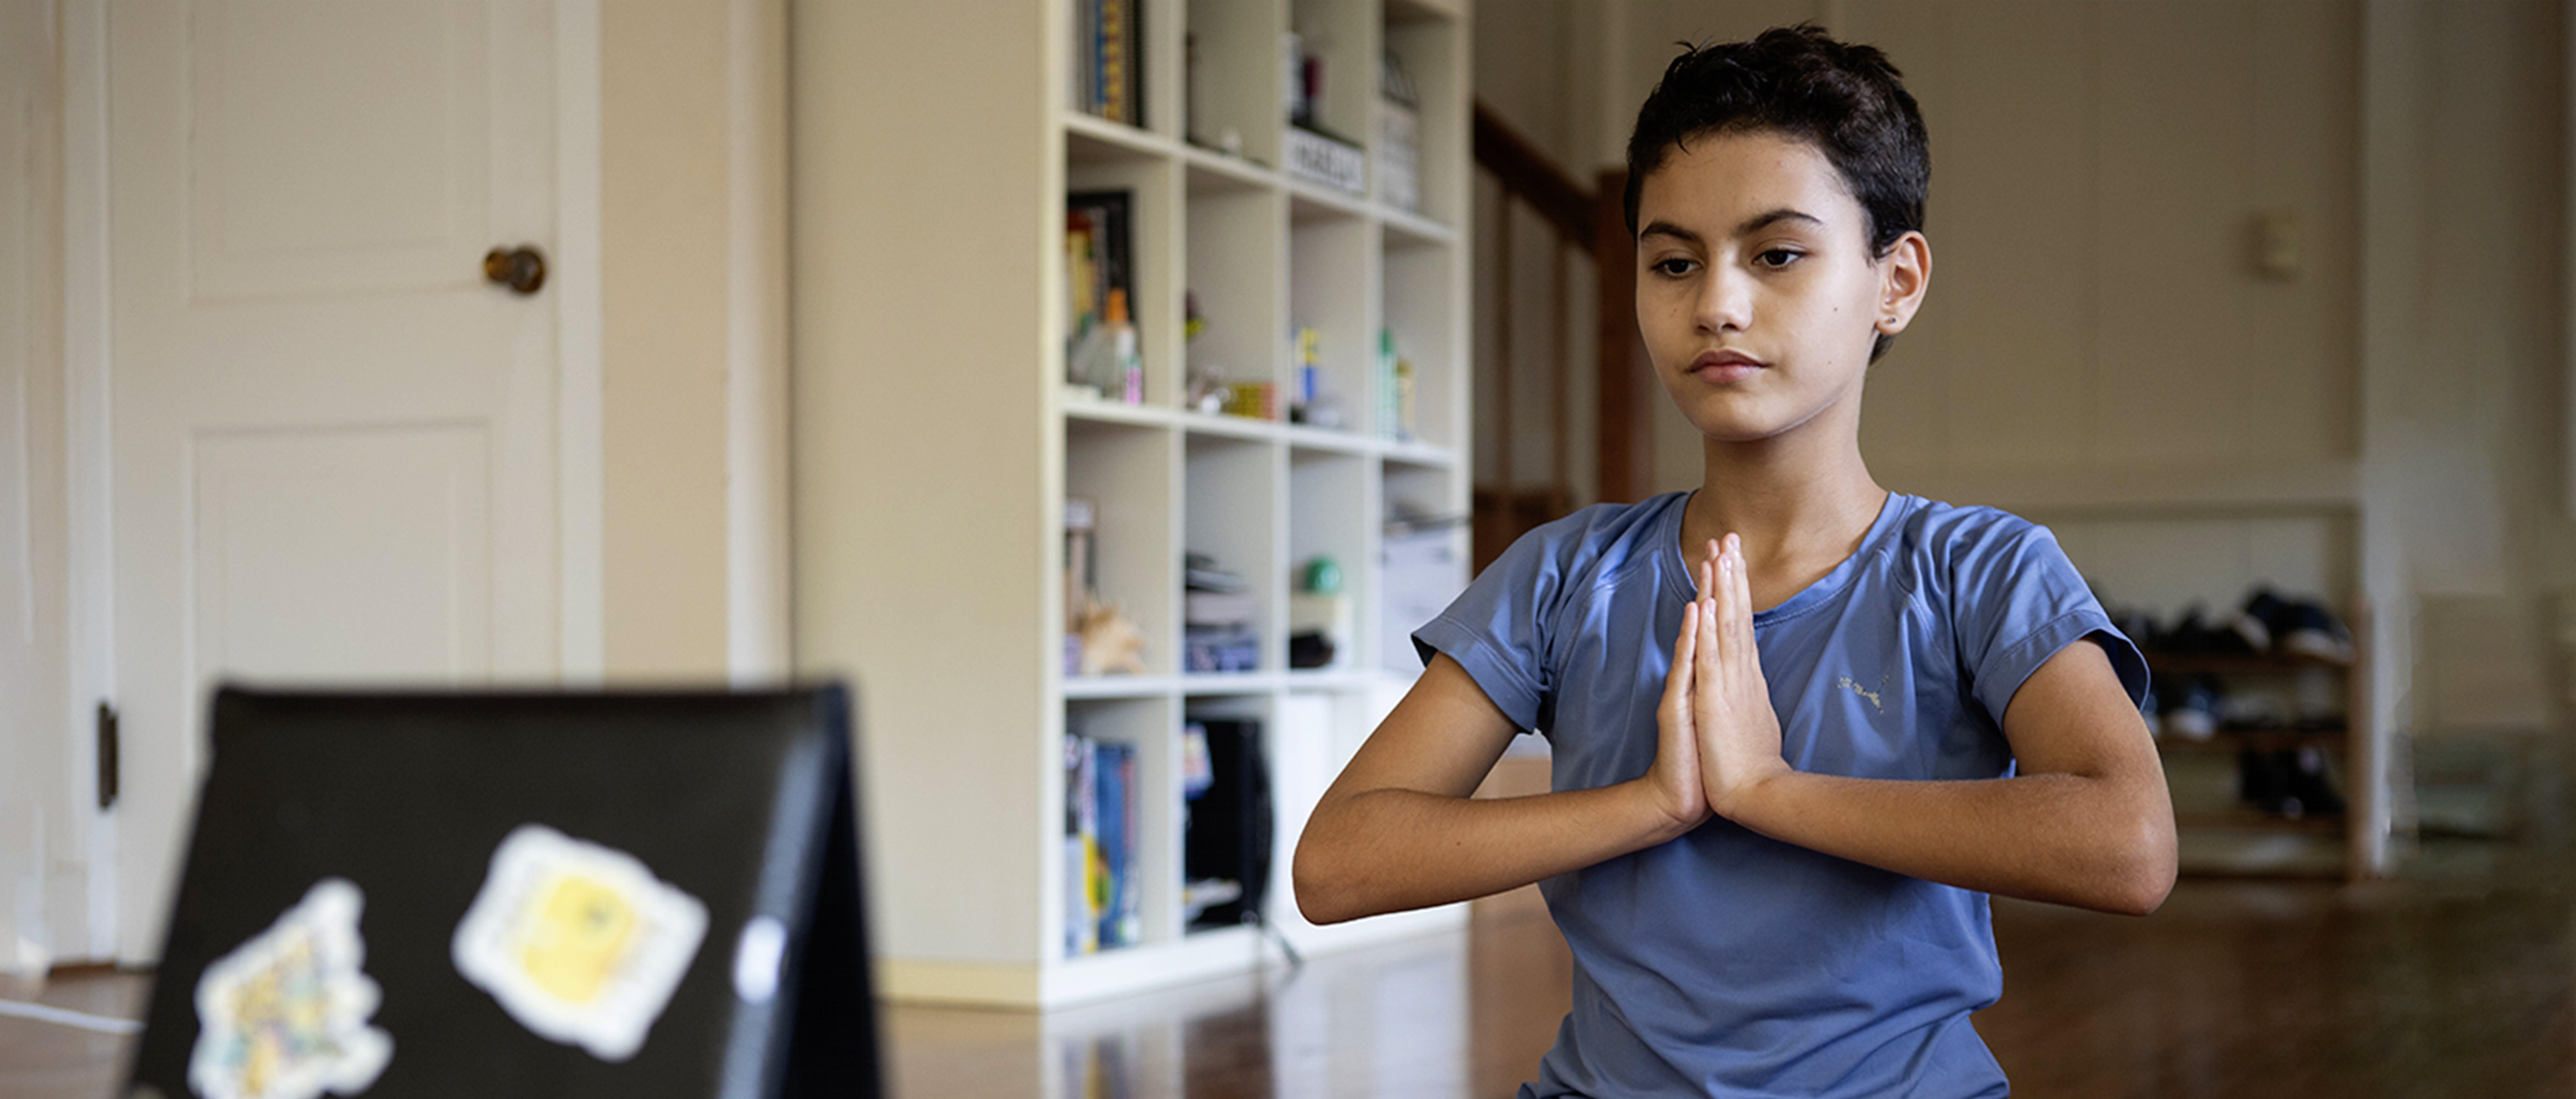 Mila, 11 anni, sta seguendo una lezione di yoga durante il lockdown in Gamboa, Panama.